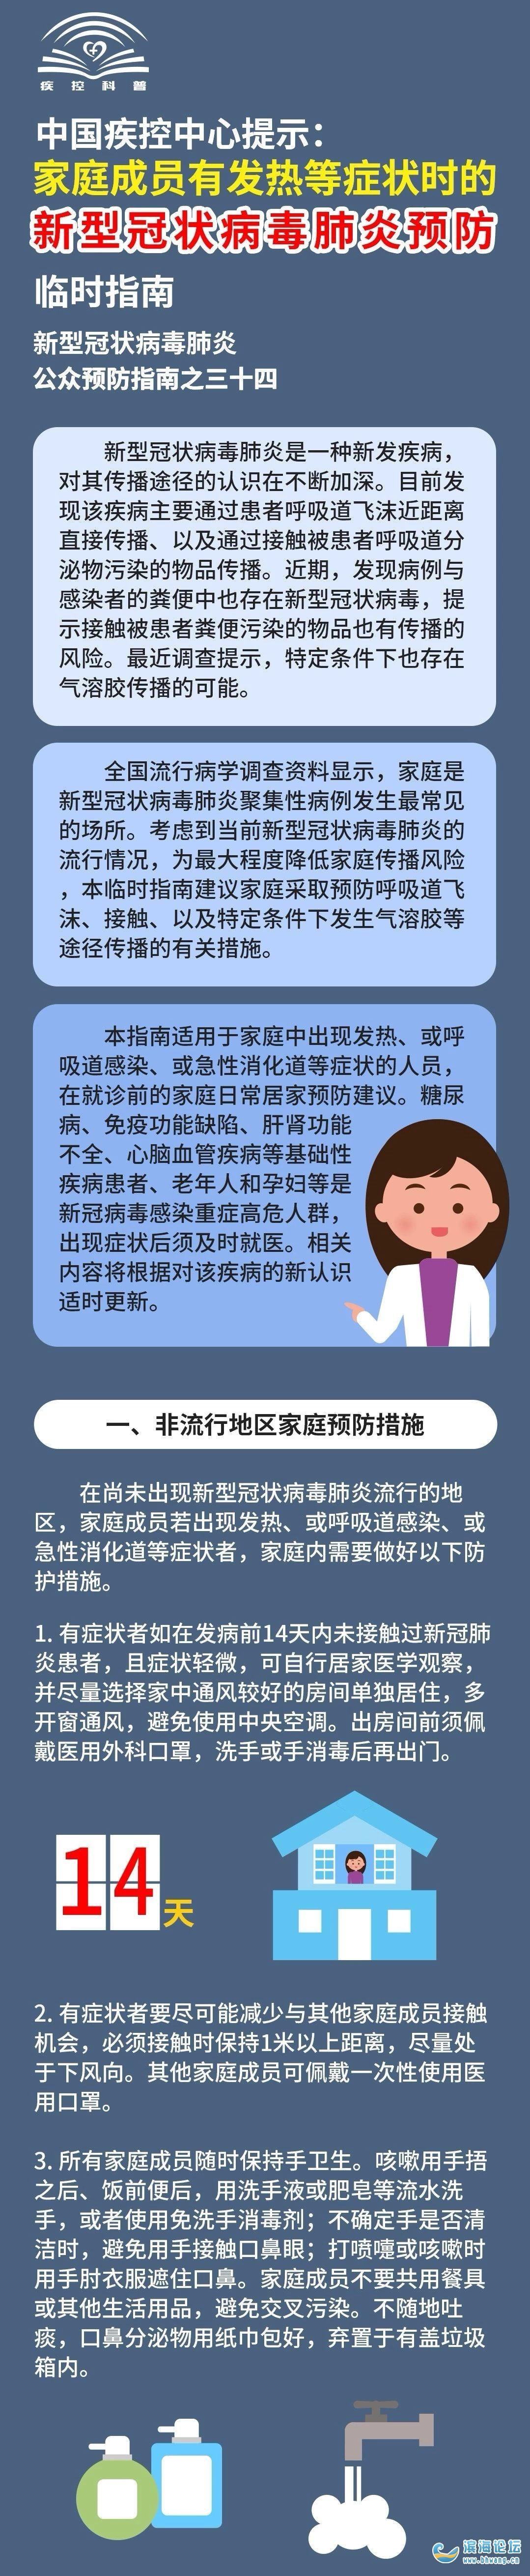 中國疾控中心提示:家庭成員有發熱等癥狀時的預防指南